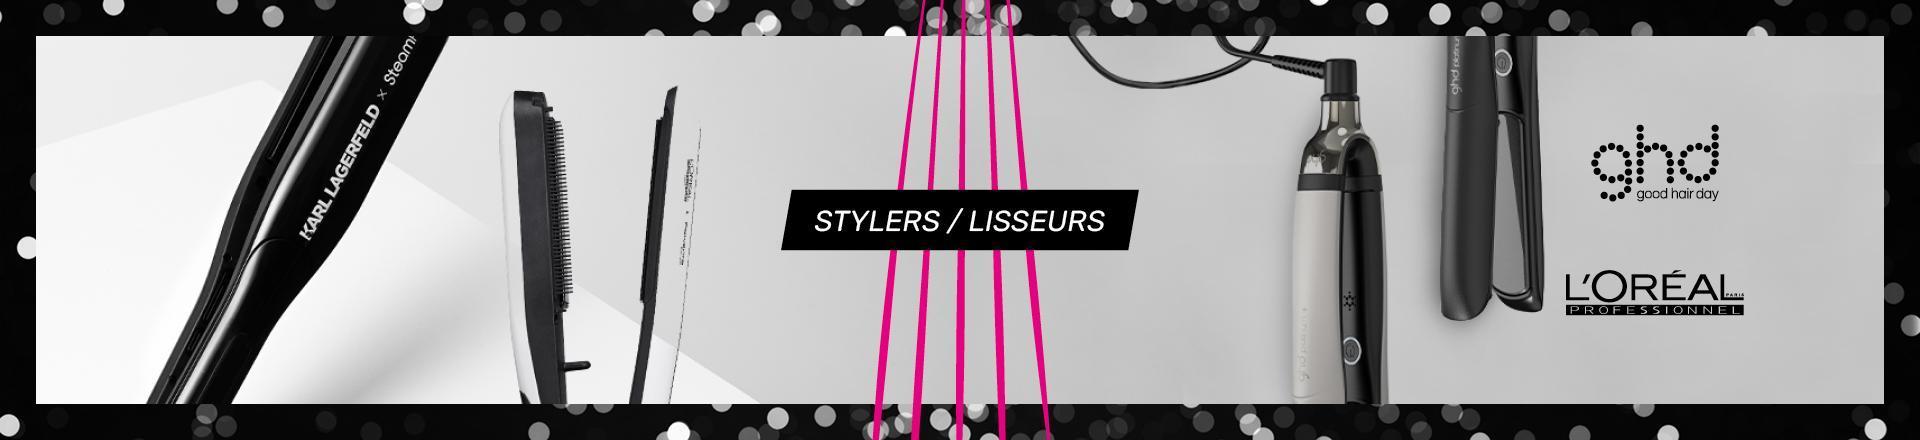 Stylers / Lisseurs